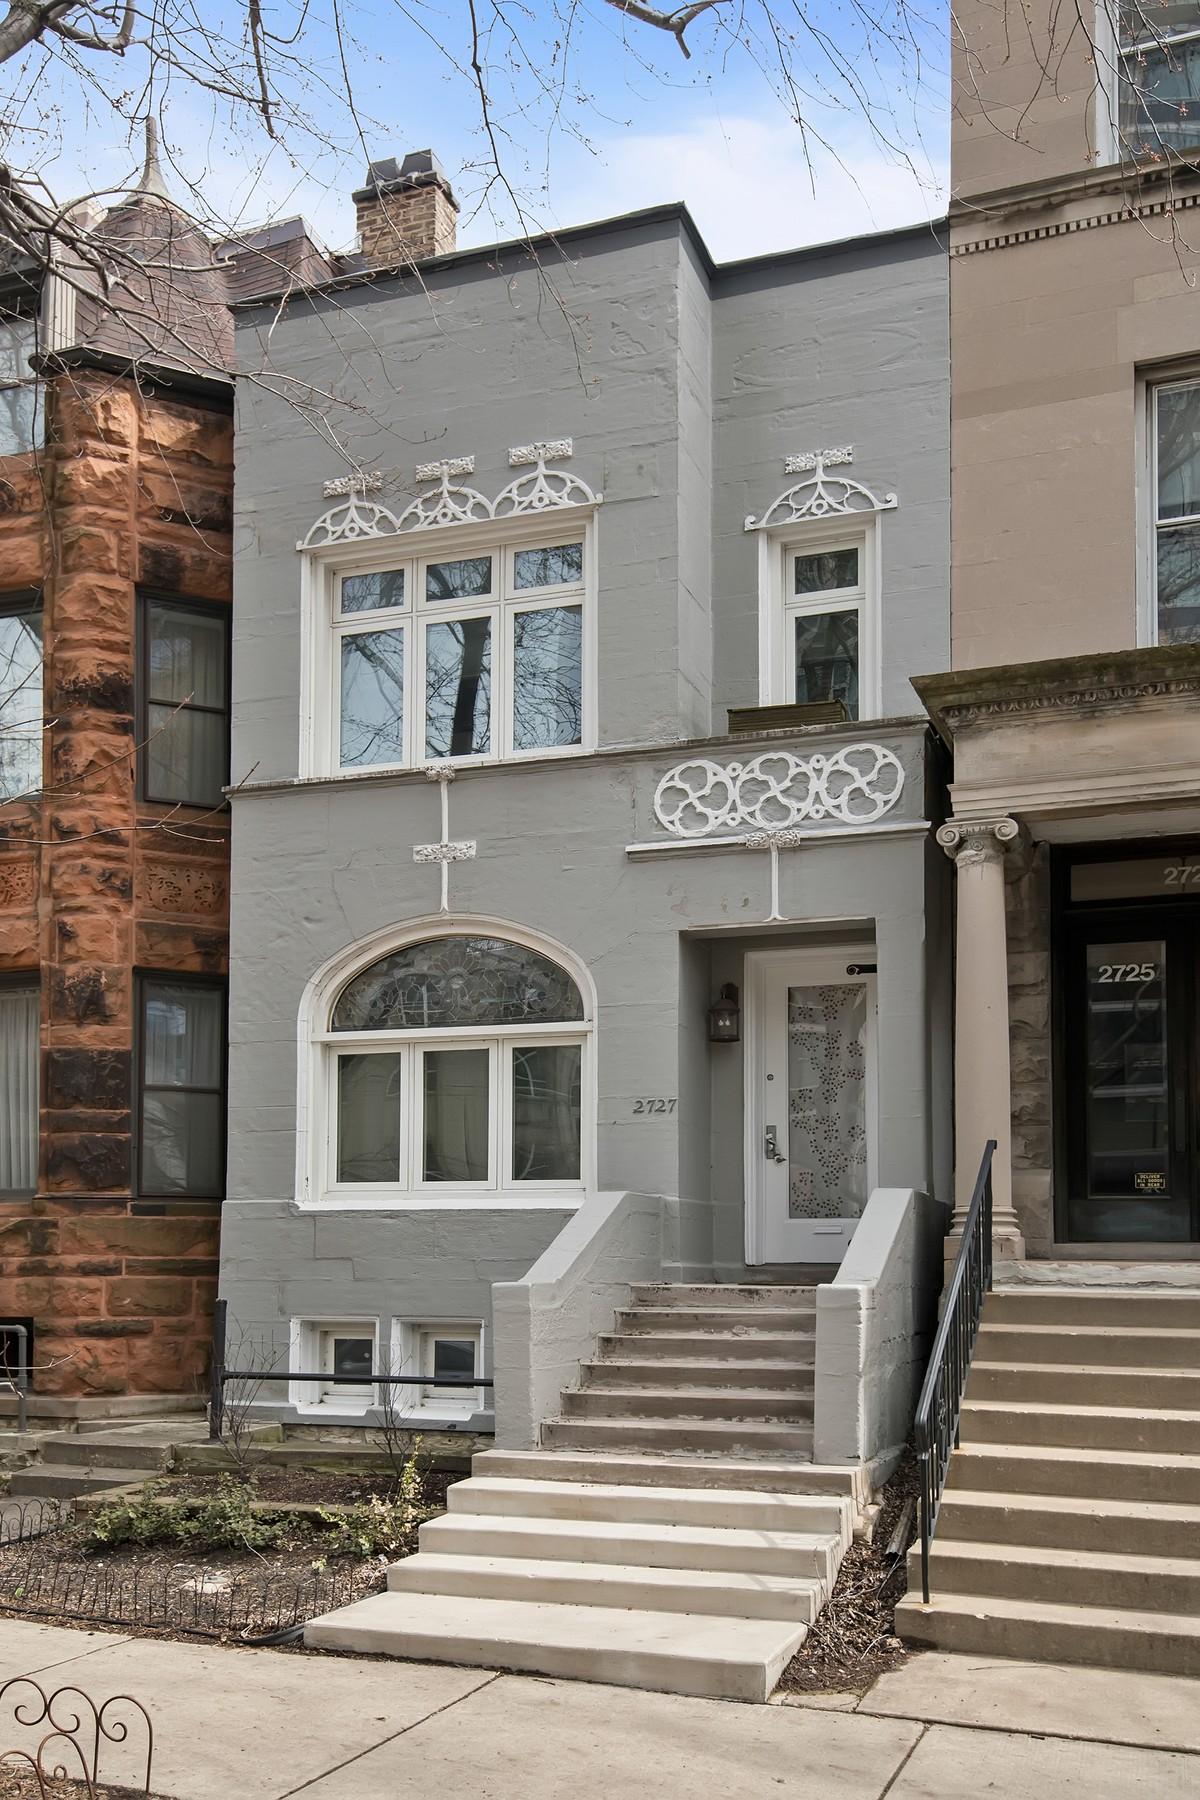 獨棟家庭住宅 為 出售 在 East Lincoln Park Row Home 2727 N Hampden Court Lincoln Park, Chicago, 伊利諾斯州, 60614 美國